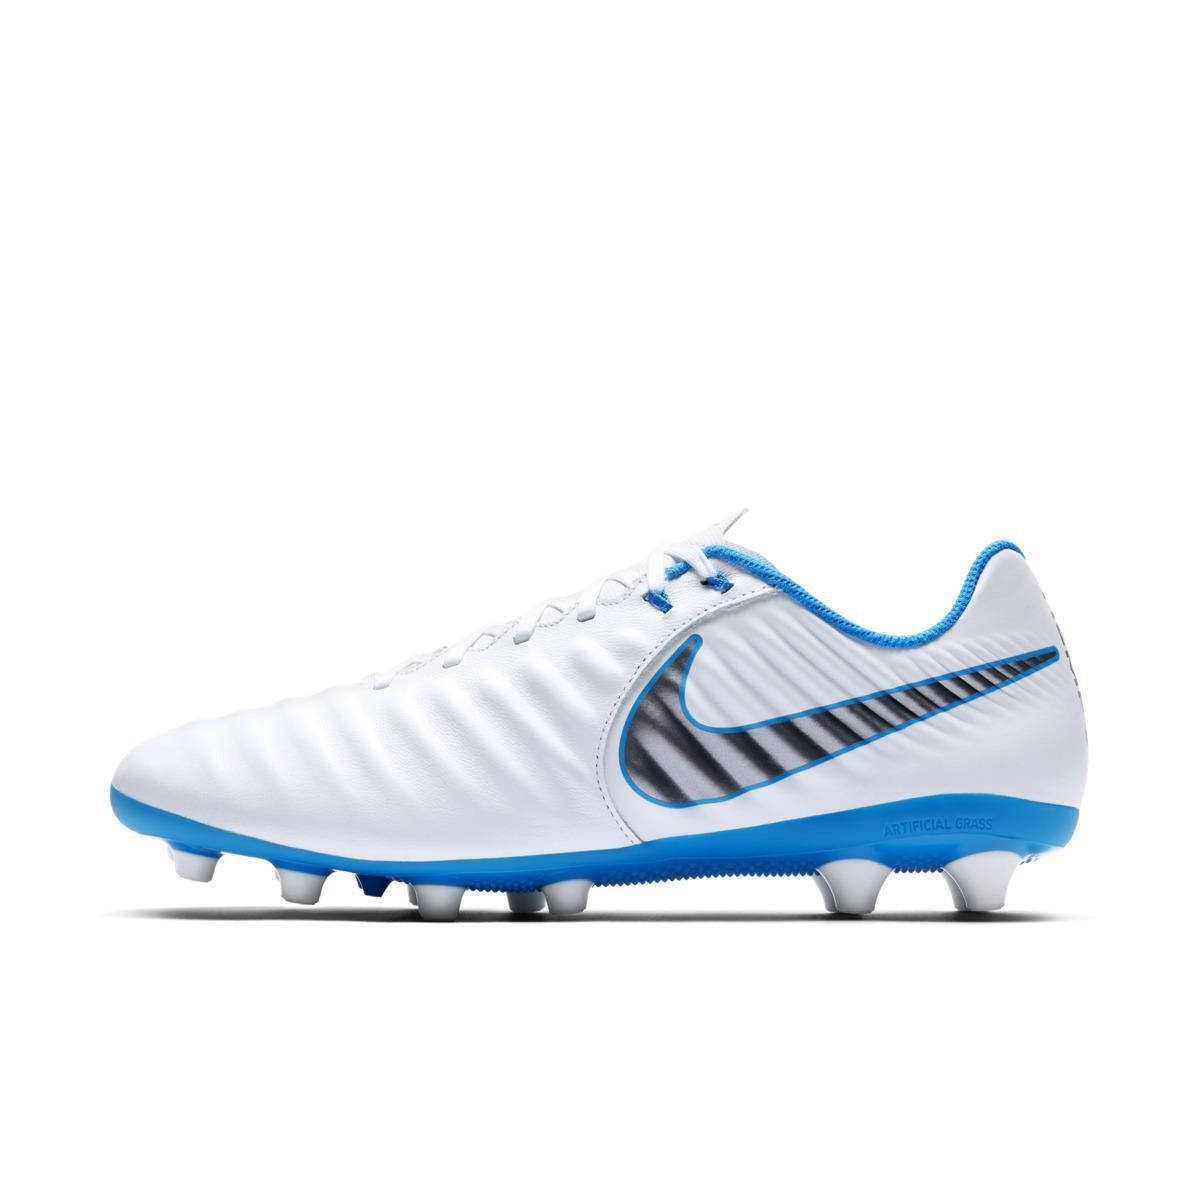 Nike Tiempo Vetta 17 Blanche 876245 100 footdistrict.com